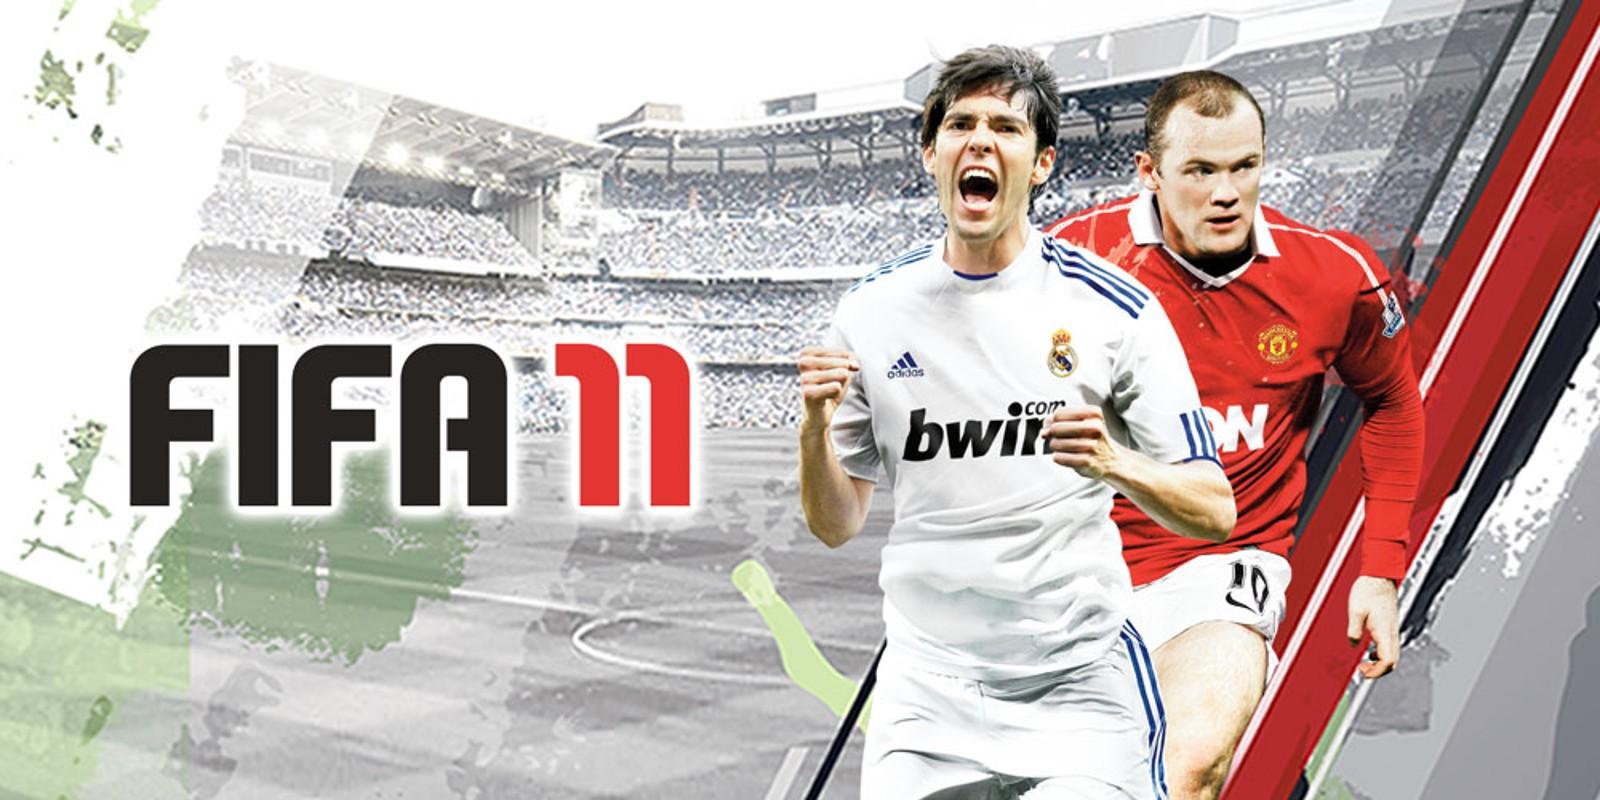 دانلود بازى فوق العاده FIFA11